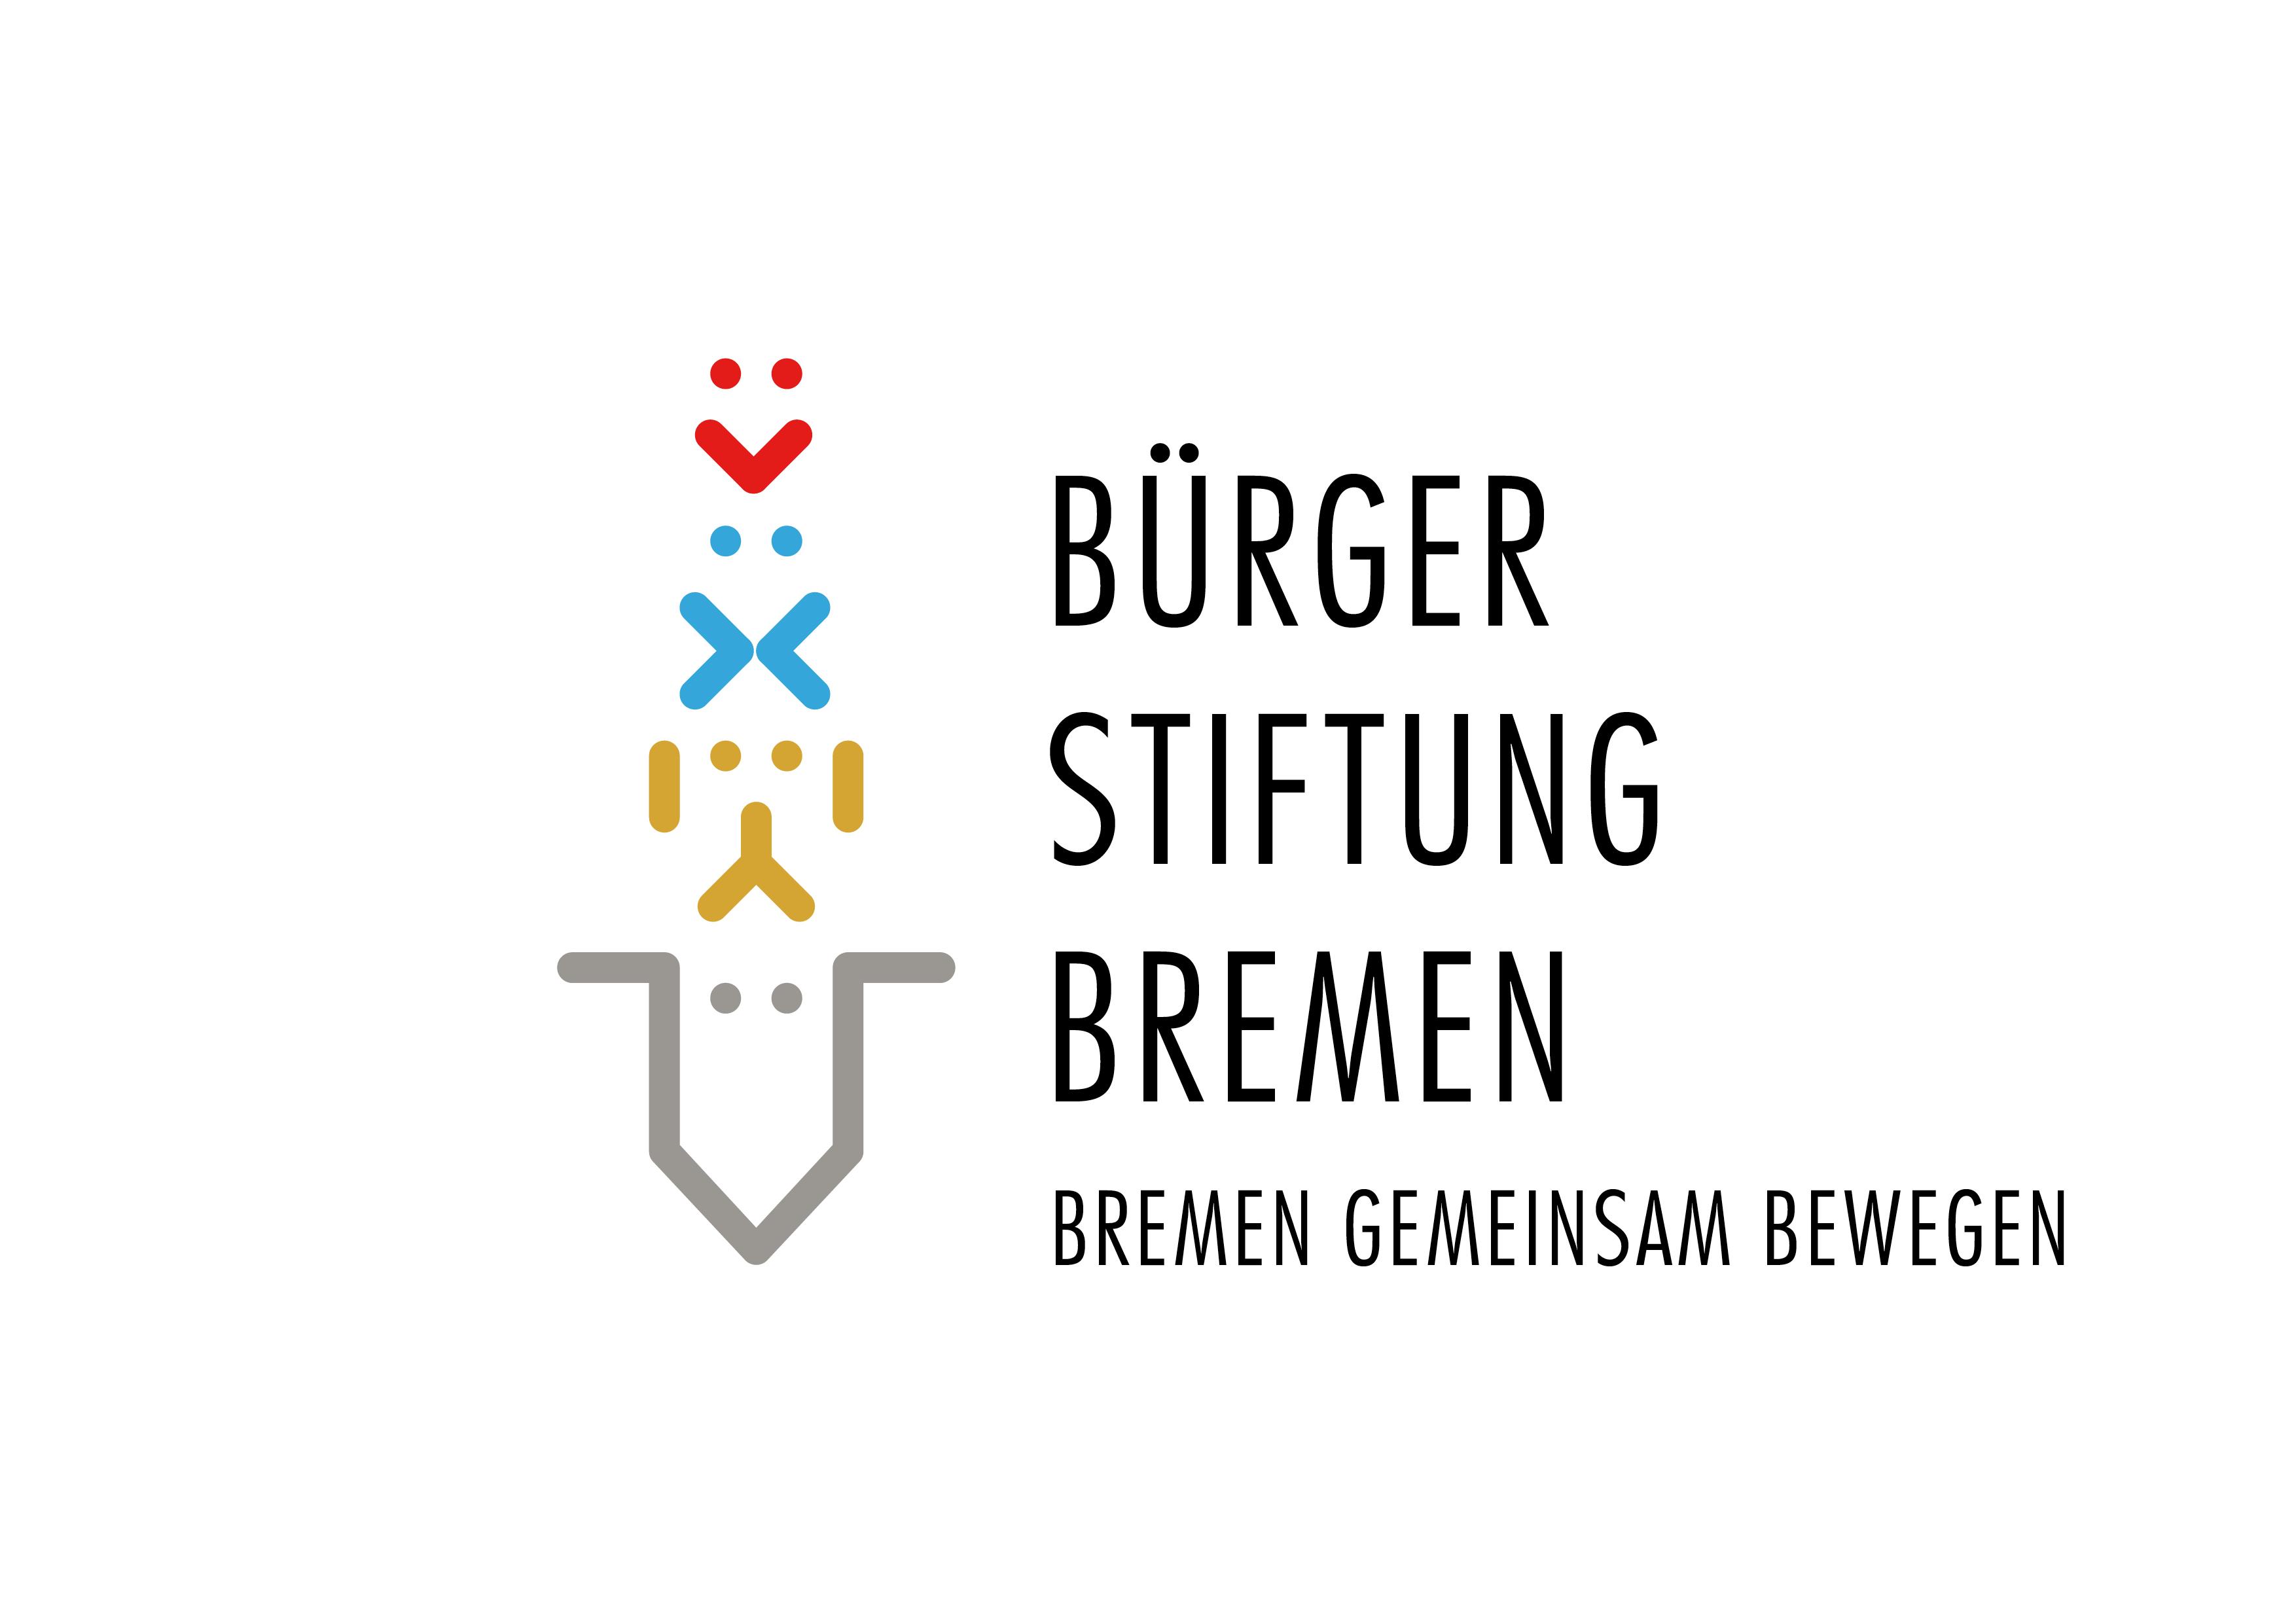 Bürgerstiftung Bremen